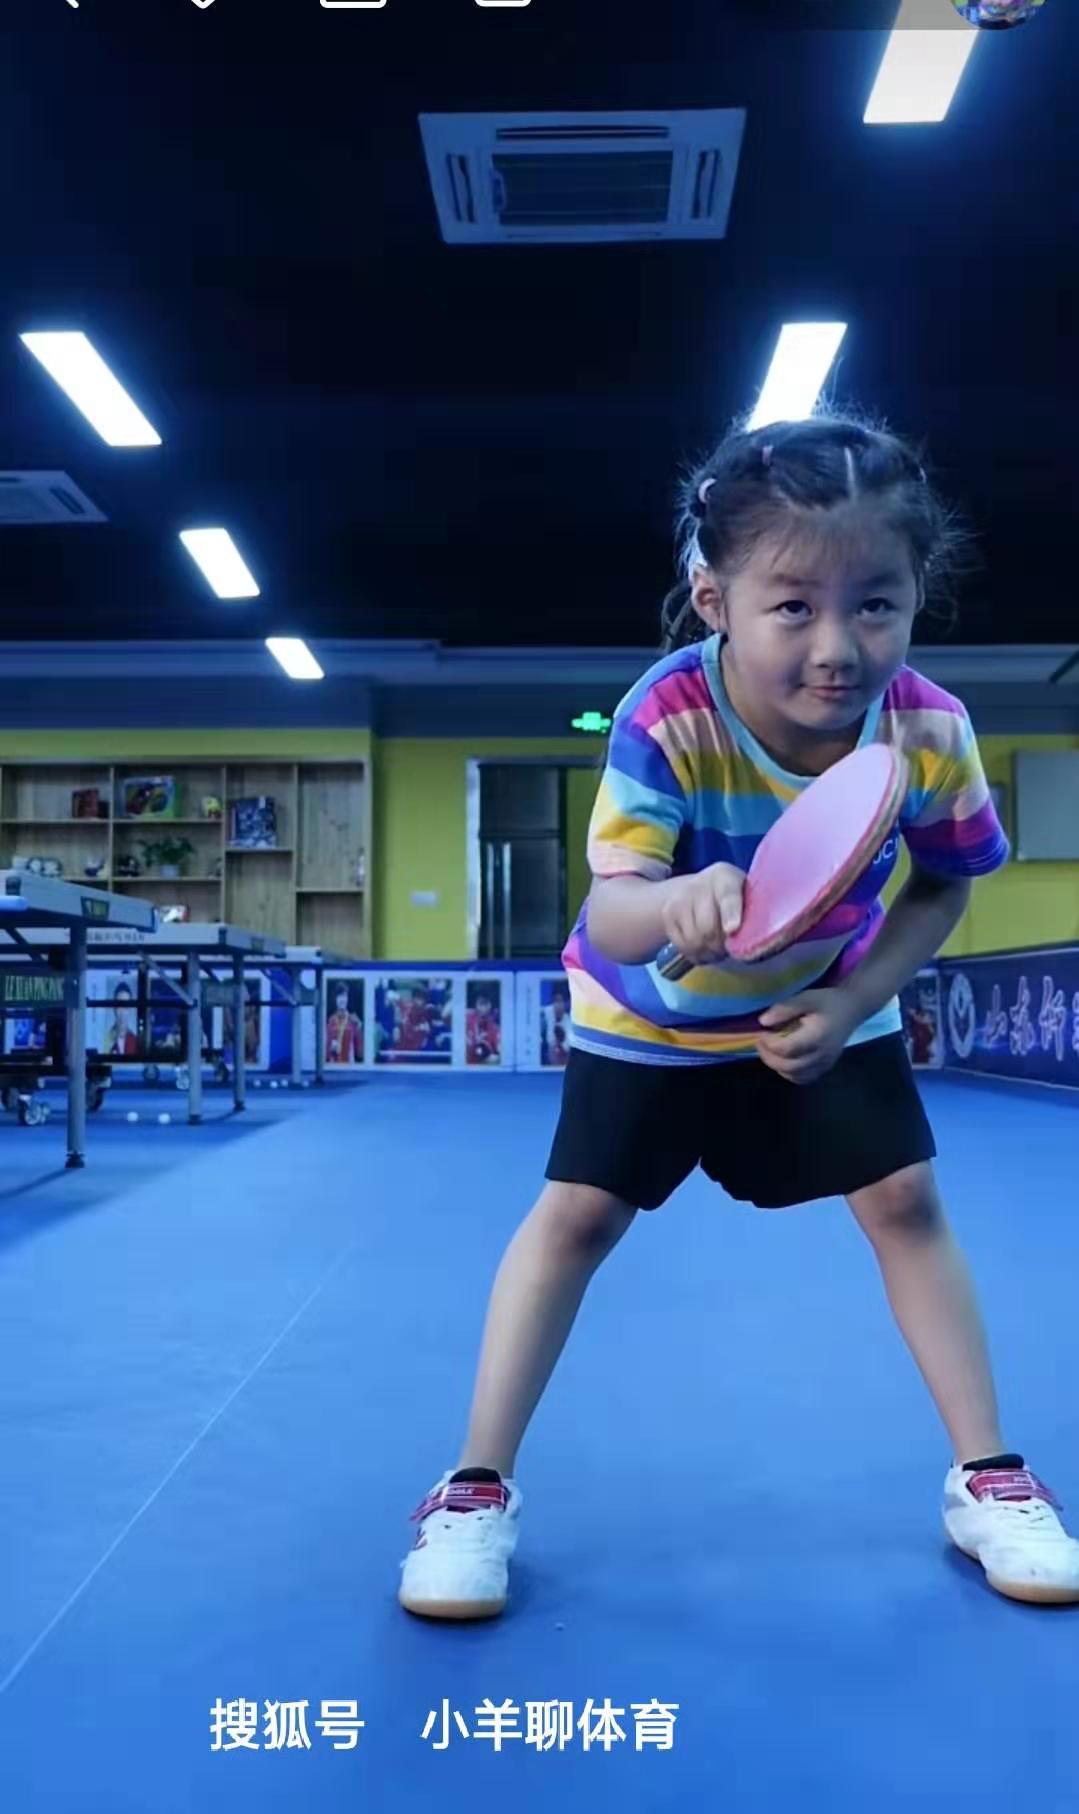 乒乓娇子:5岁李依依打乒乓球,网友:一看就是世界冠军的苗子